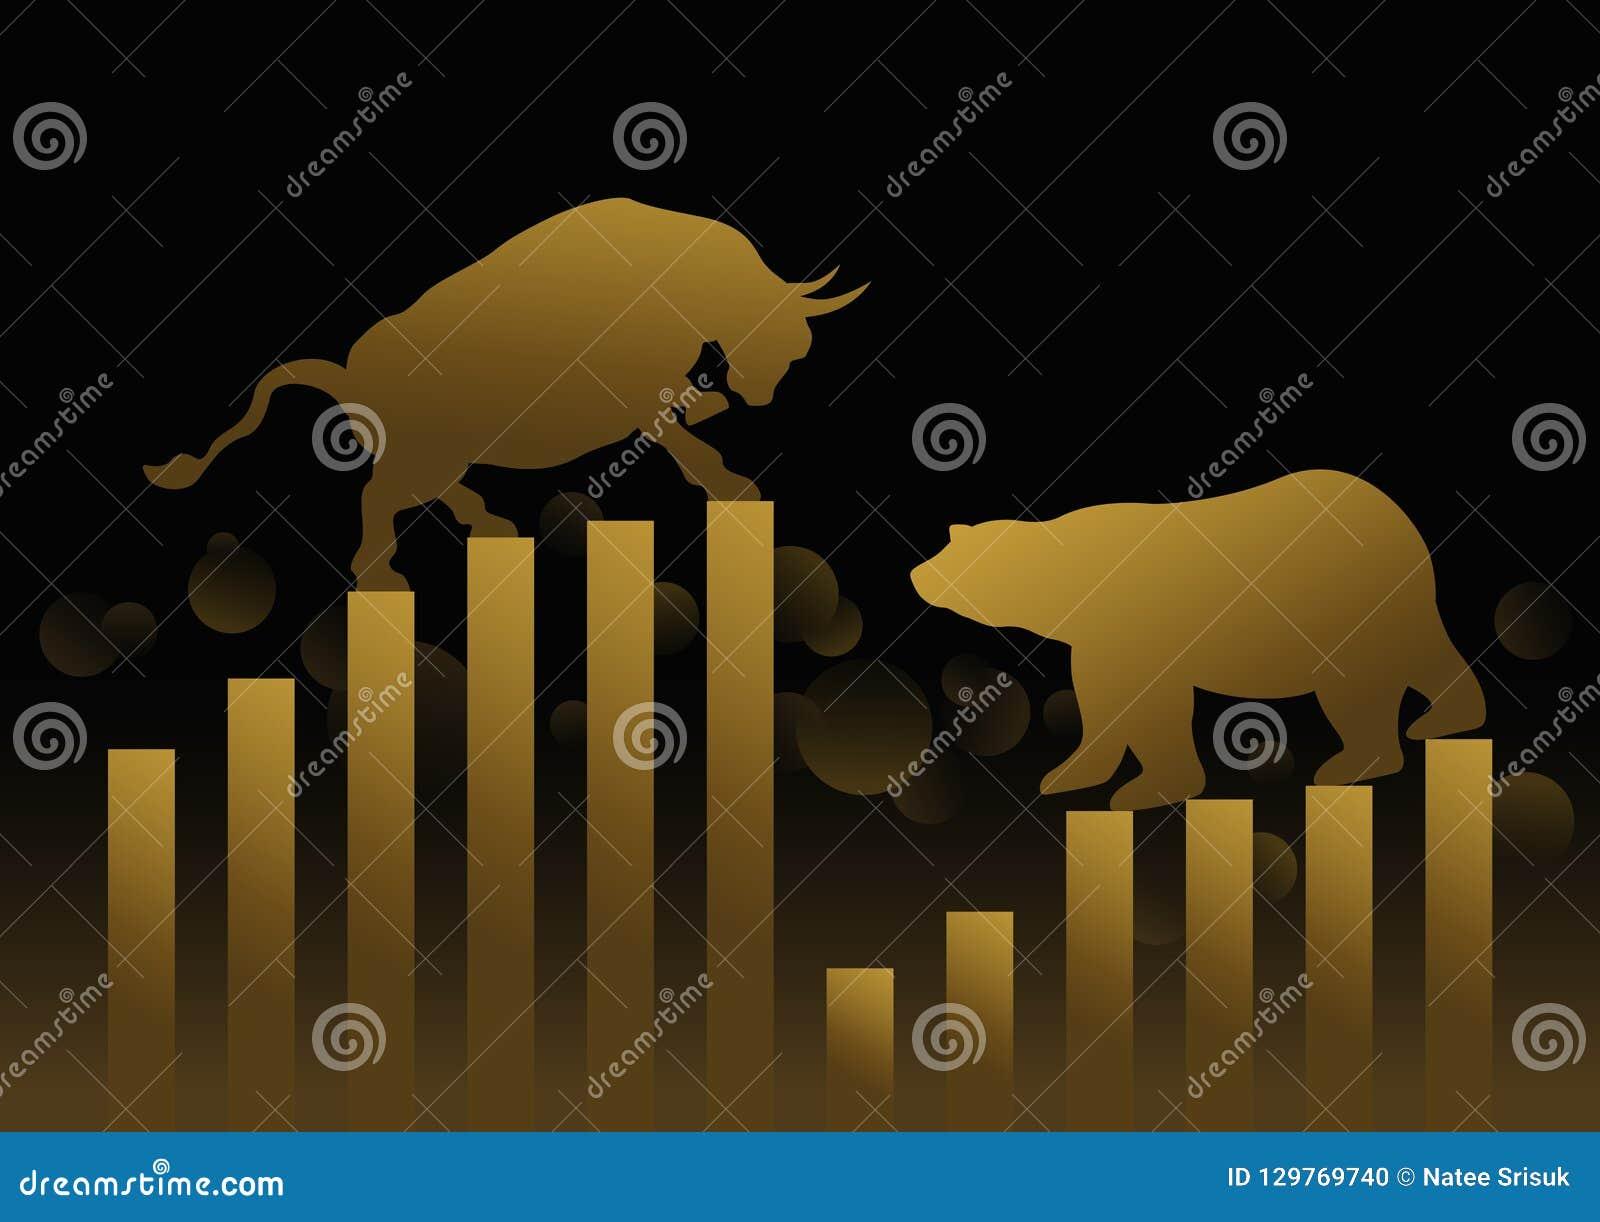 股票市场金牛市与熊市构思设计与图表